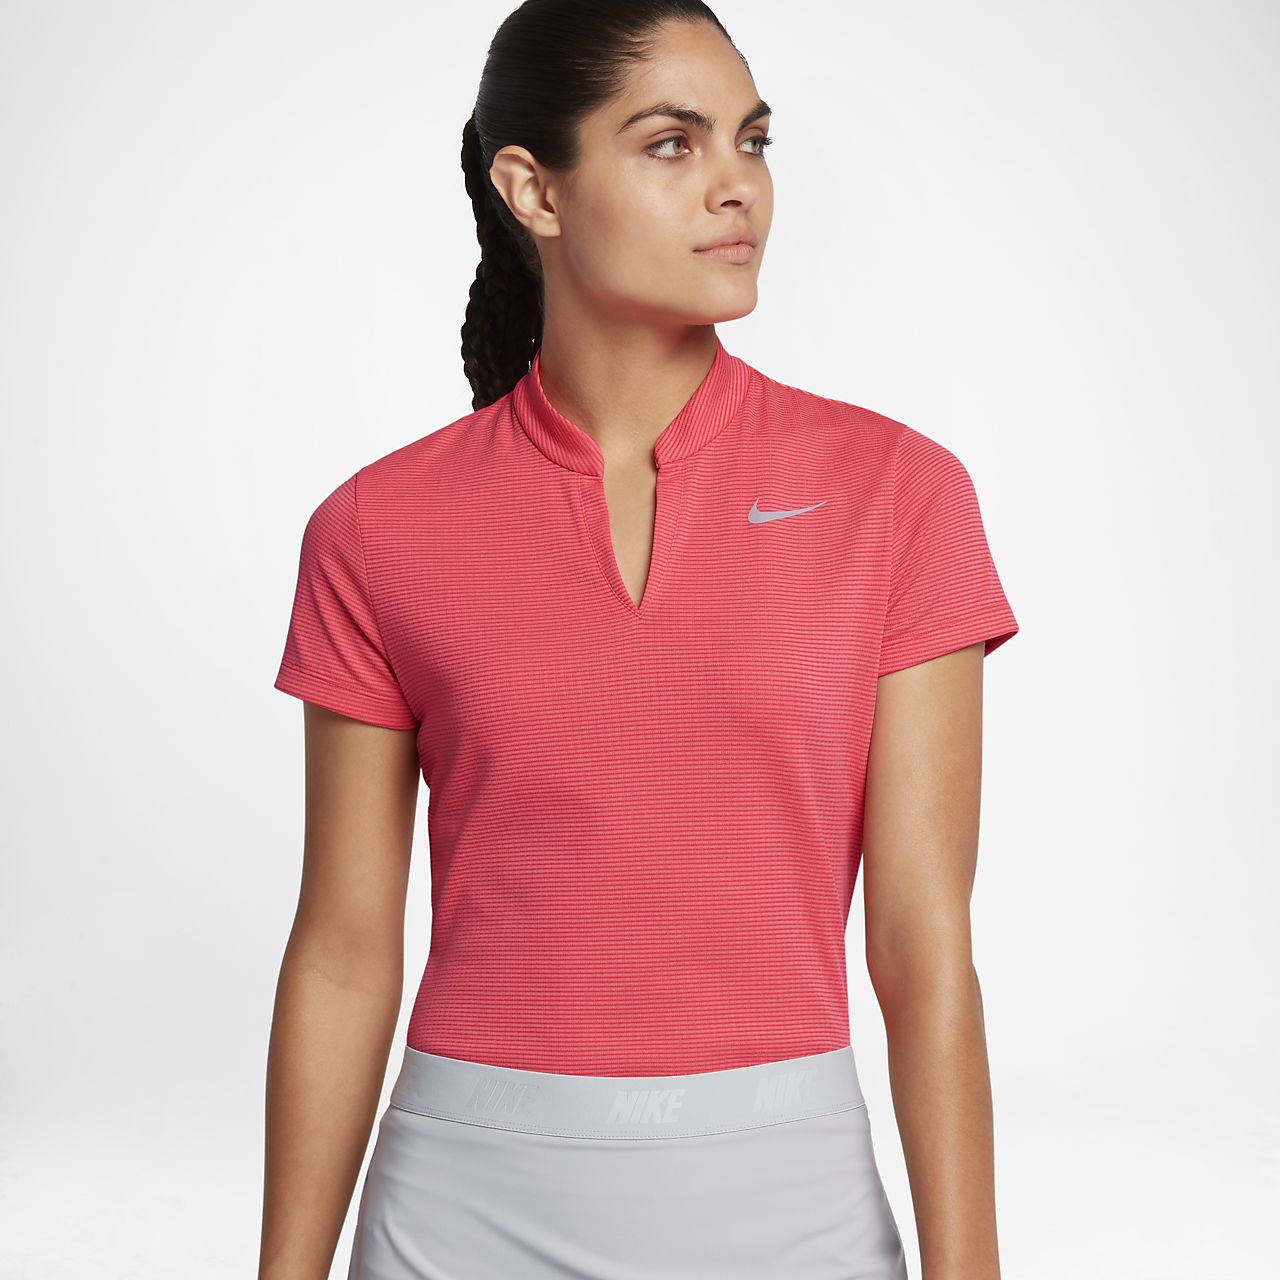 ... Nike AeroReact Women's Golf Polo